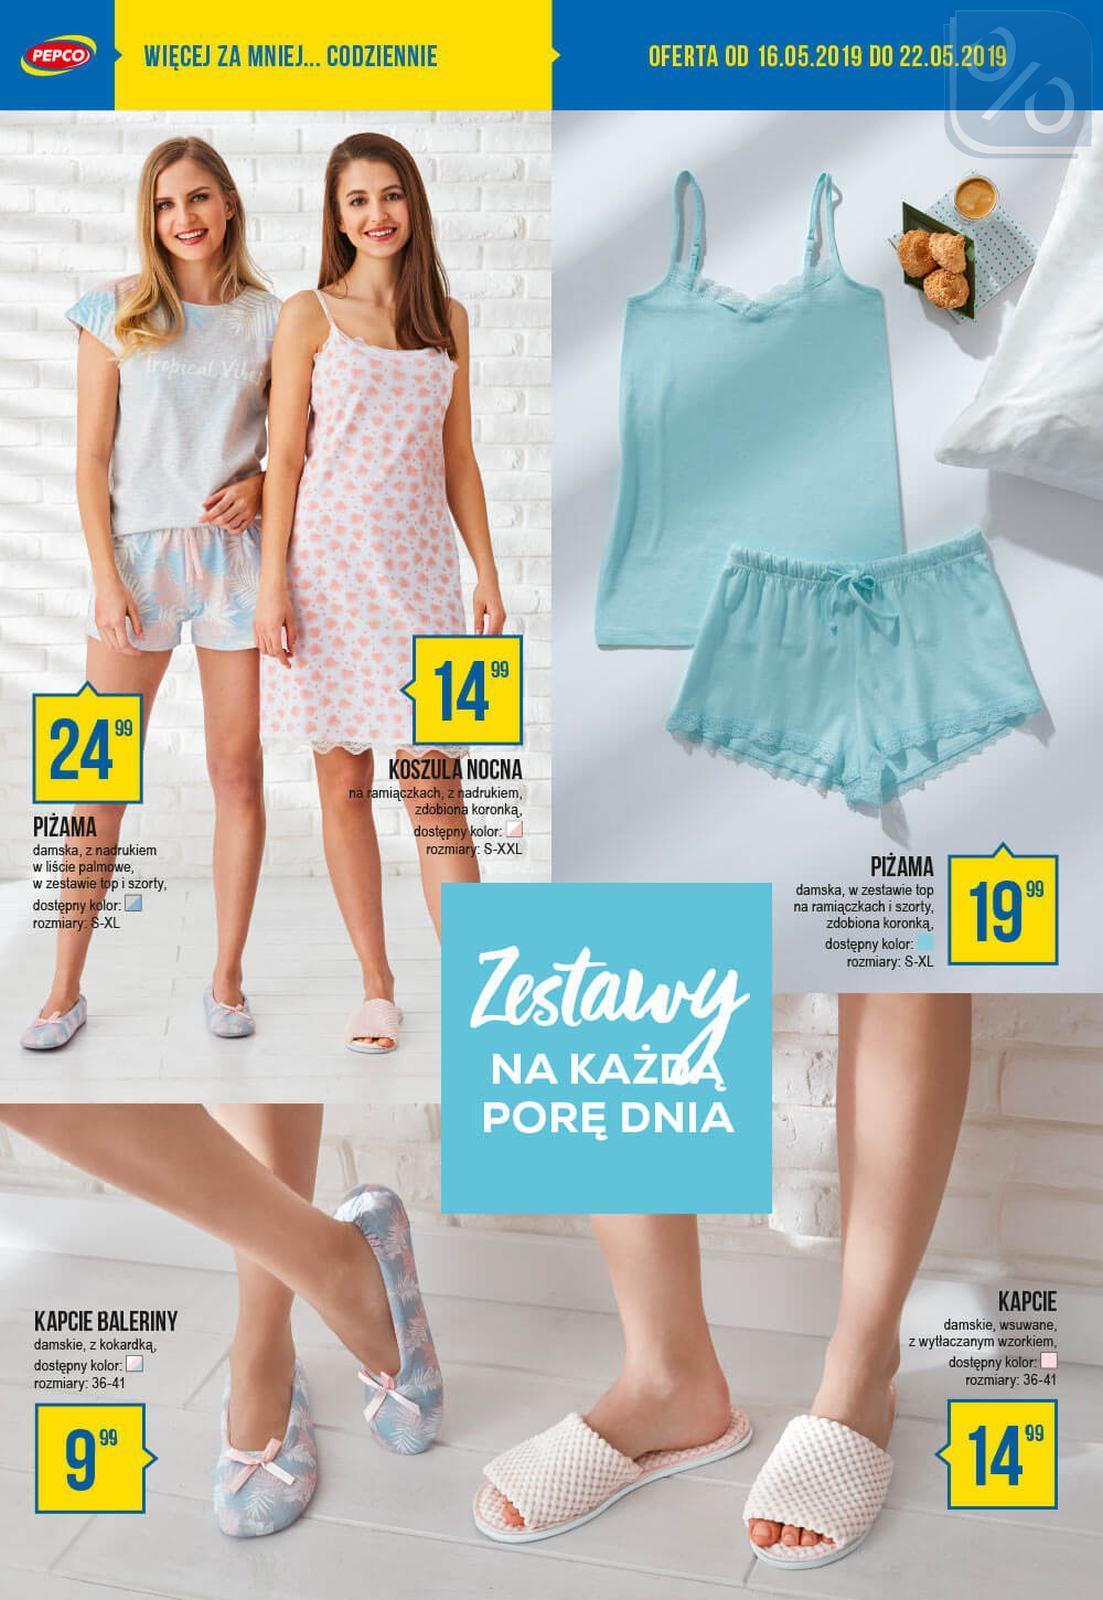 Gazetka promocyjna Pepco do 22/05/2019 str.6